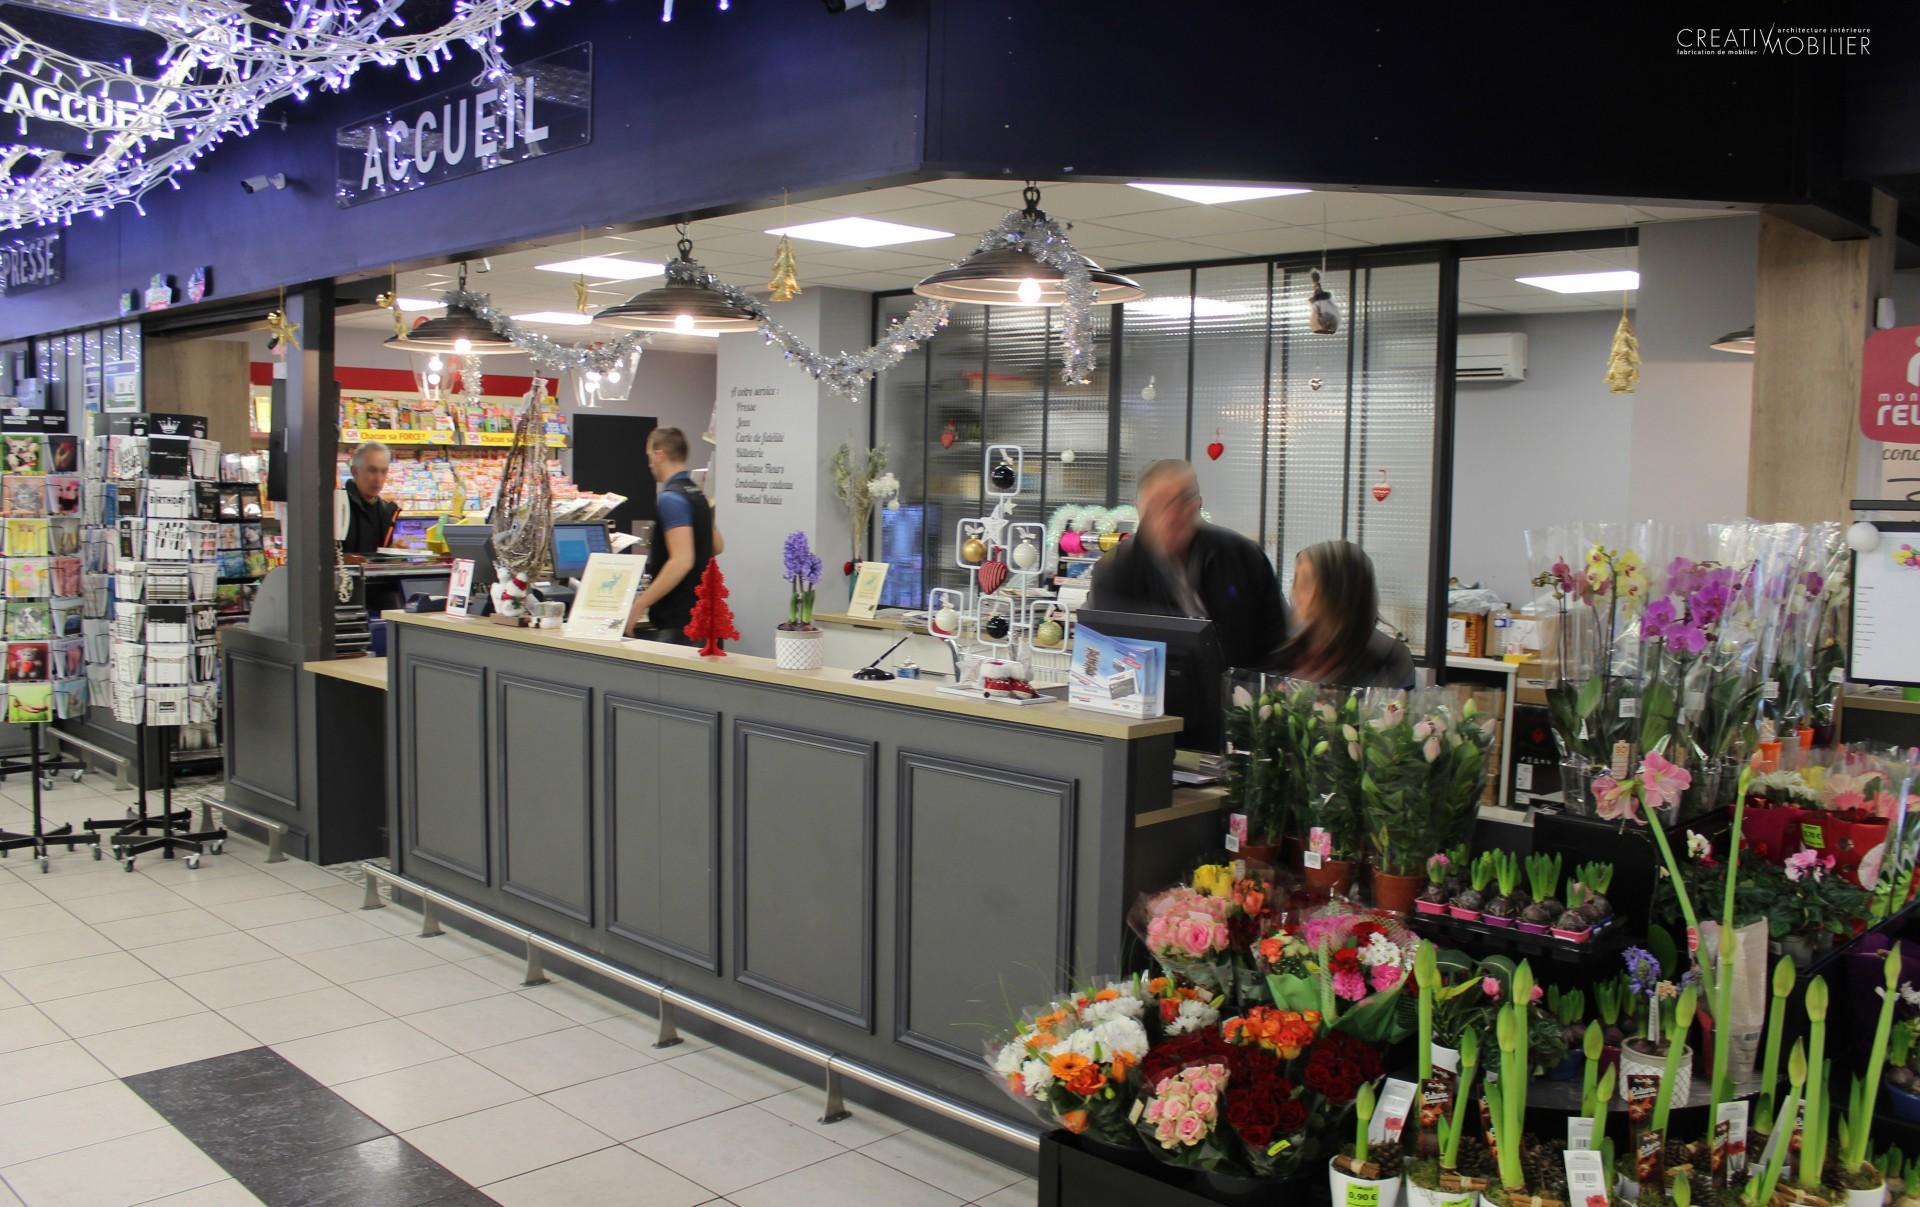 Accueil supermarché